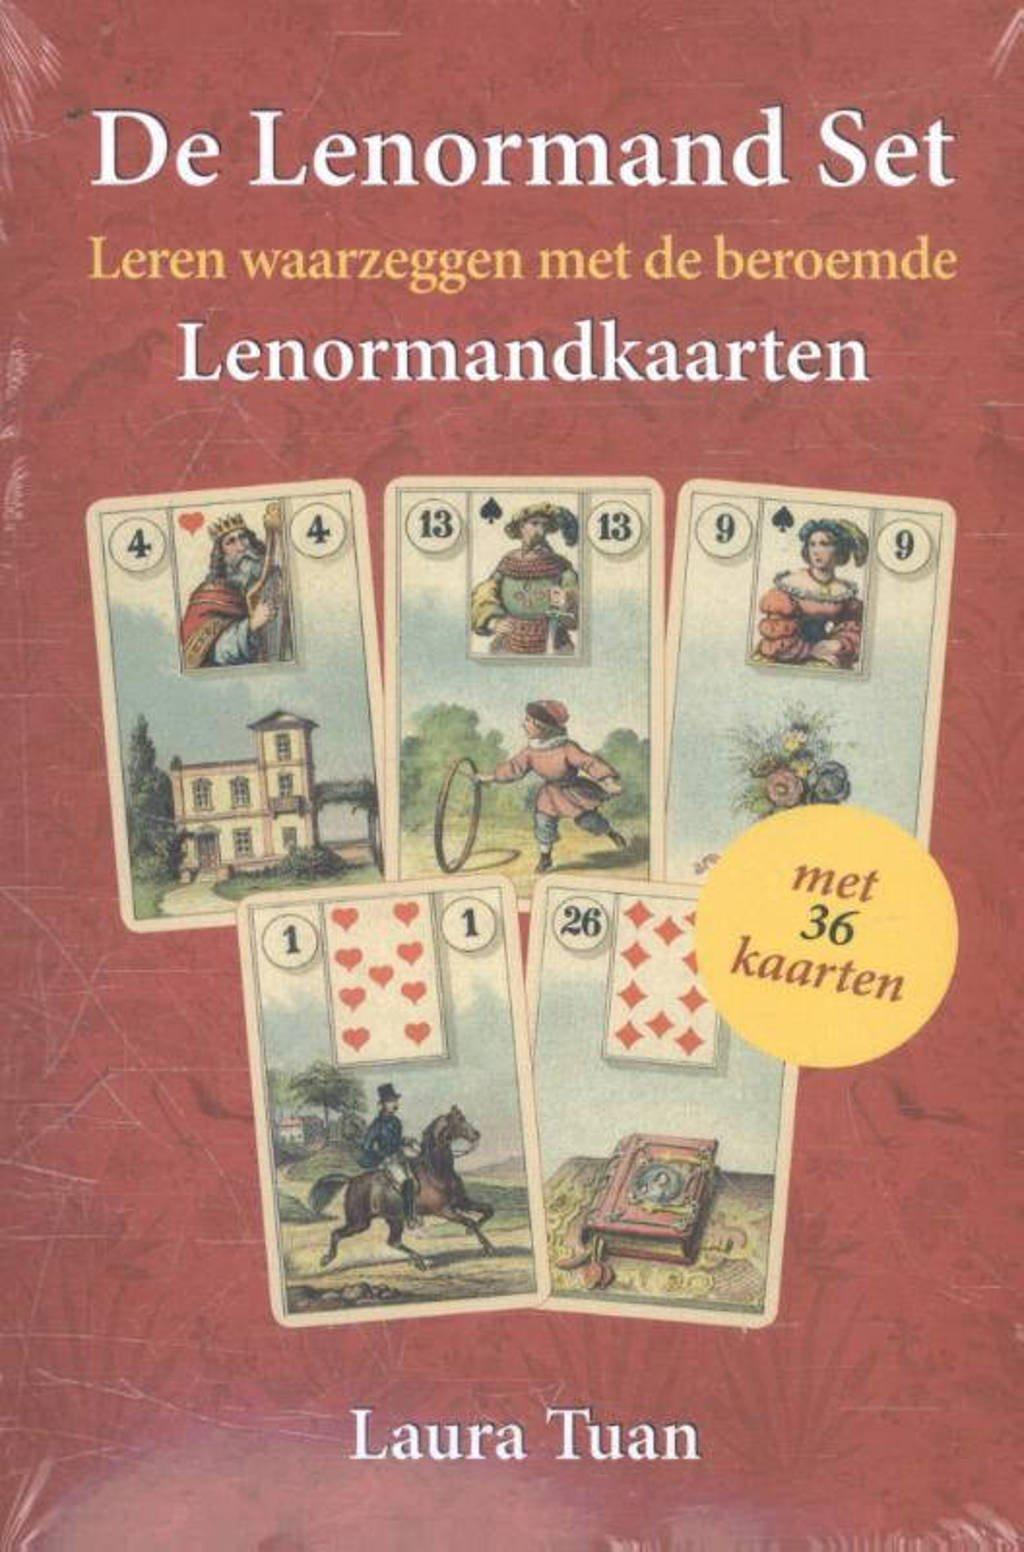 De Lenormand Set (boek + 36 kaarten) - Laura Tuan